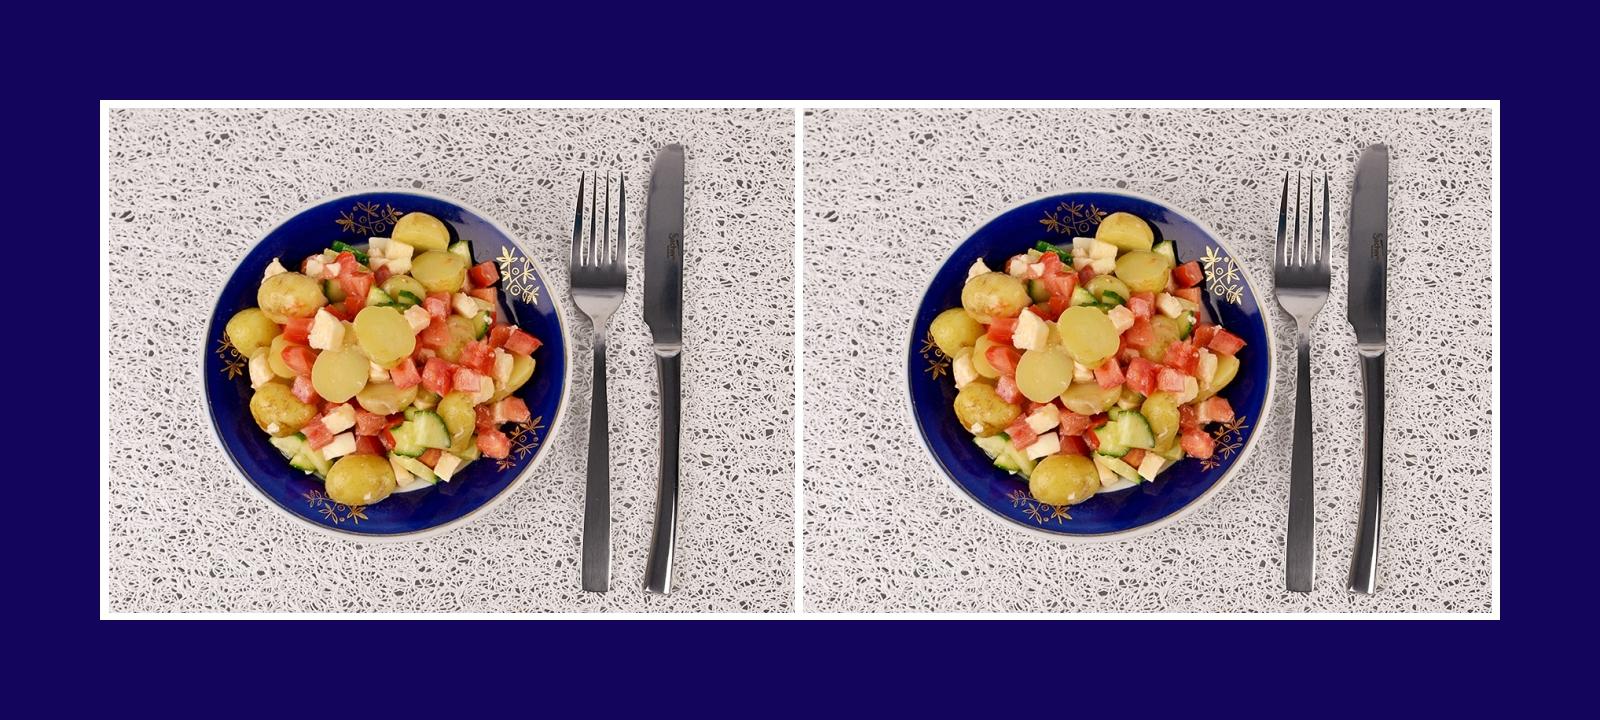 Kartoffelsalat Gemüsesalat auf italienische Art